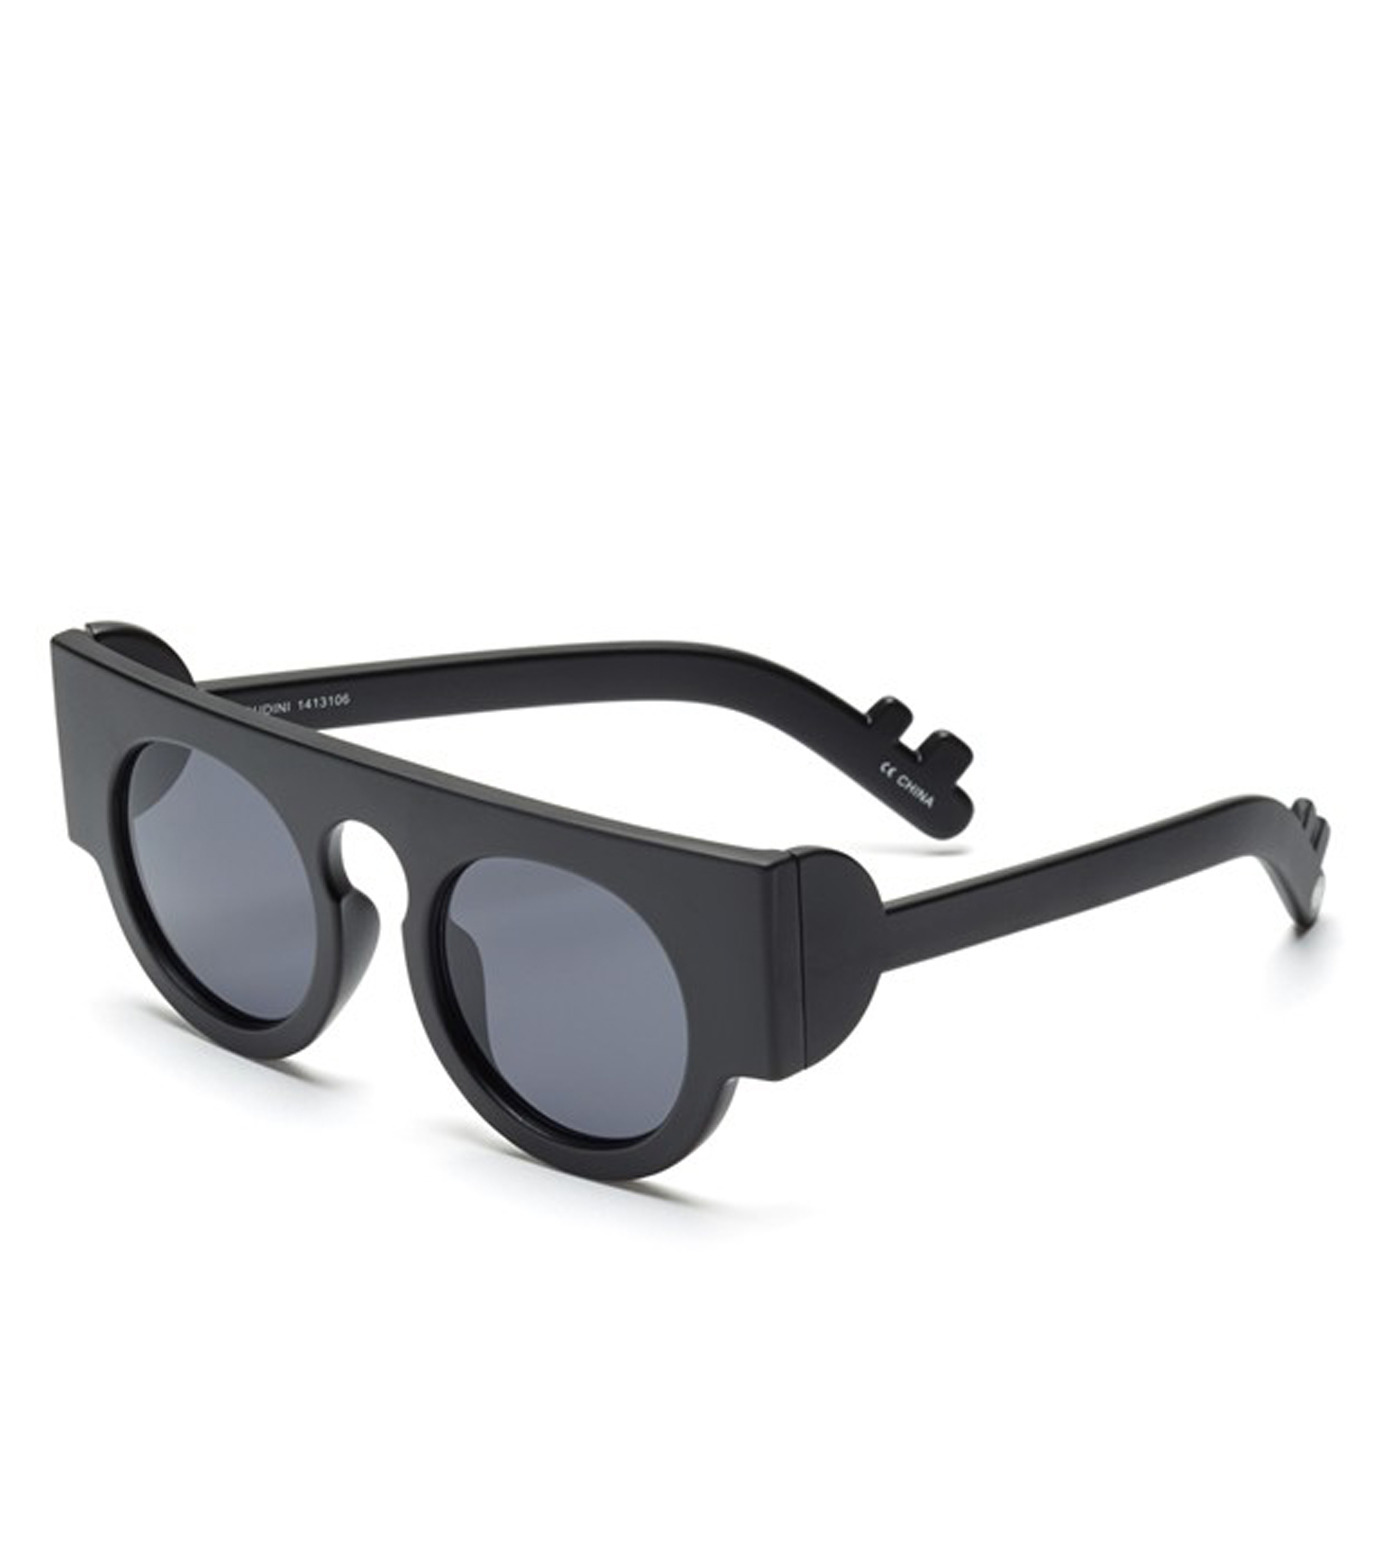 Craig&Karl(クレイグ アンド カール)のHOUDINI Matte Black/Smoke-BLACK(アイウェア/eyewear)-LCK1413106-13 拡大詳細画像1